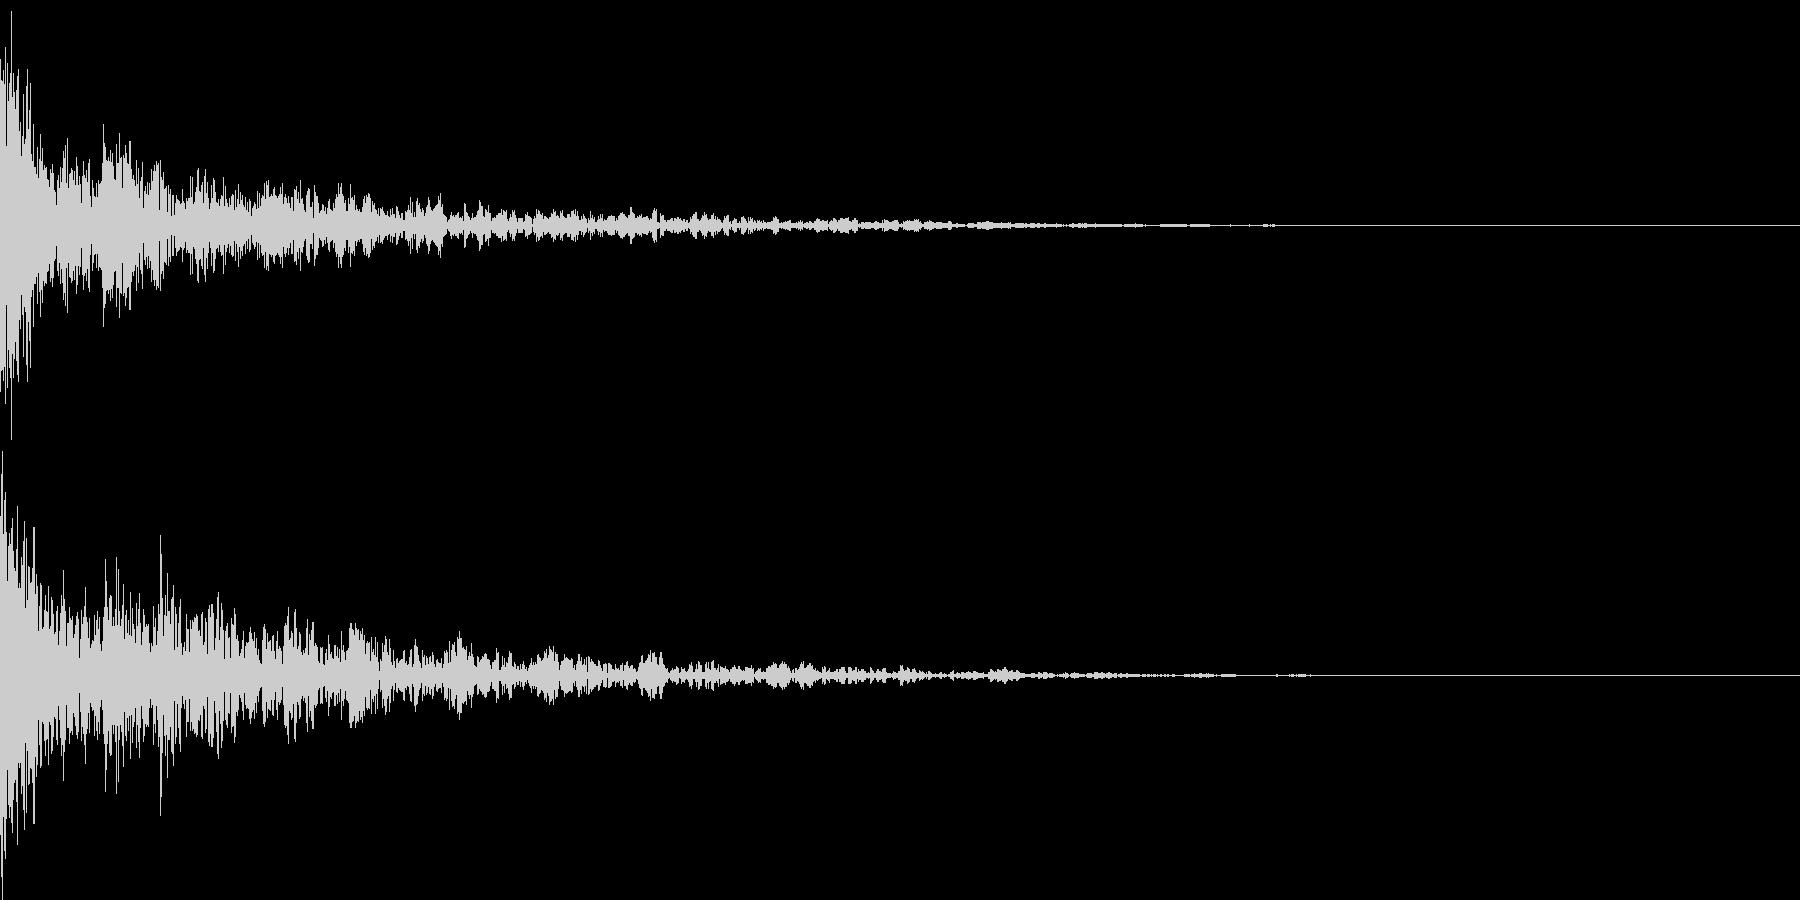 ドーン-44-2(インパクト音)の未再生の波形